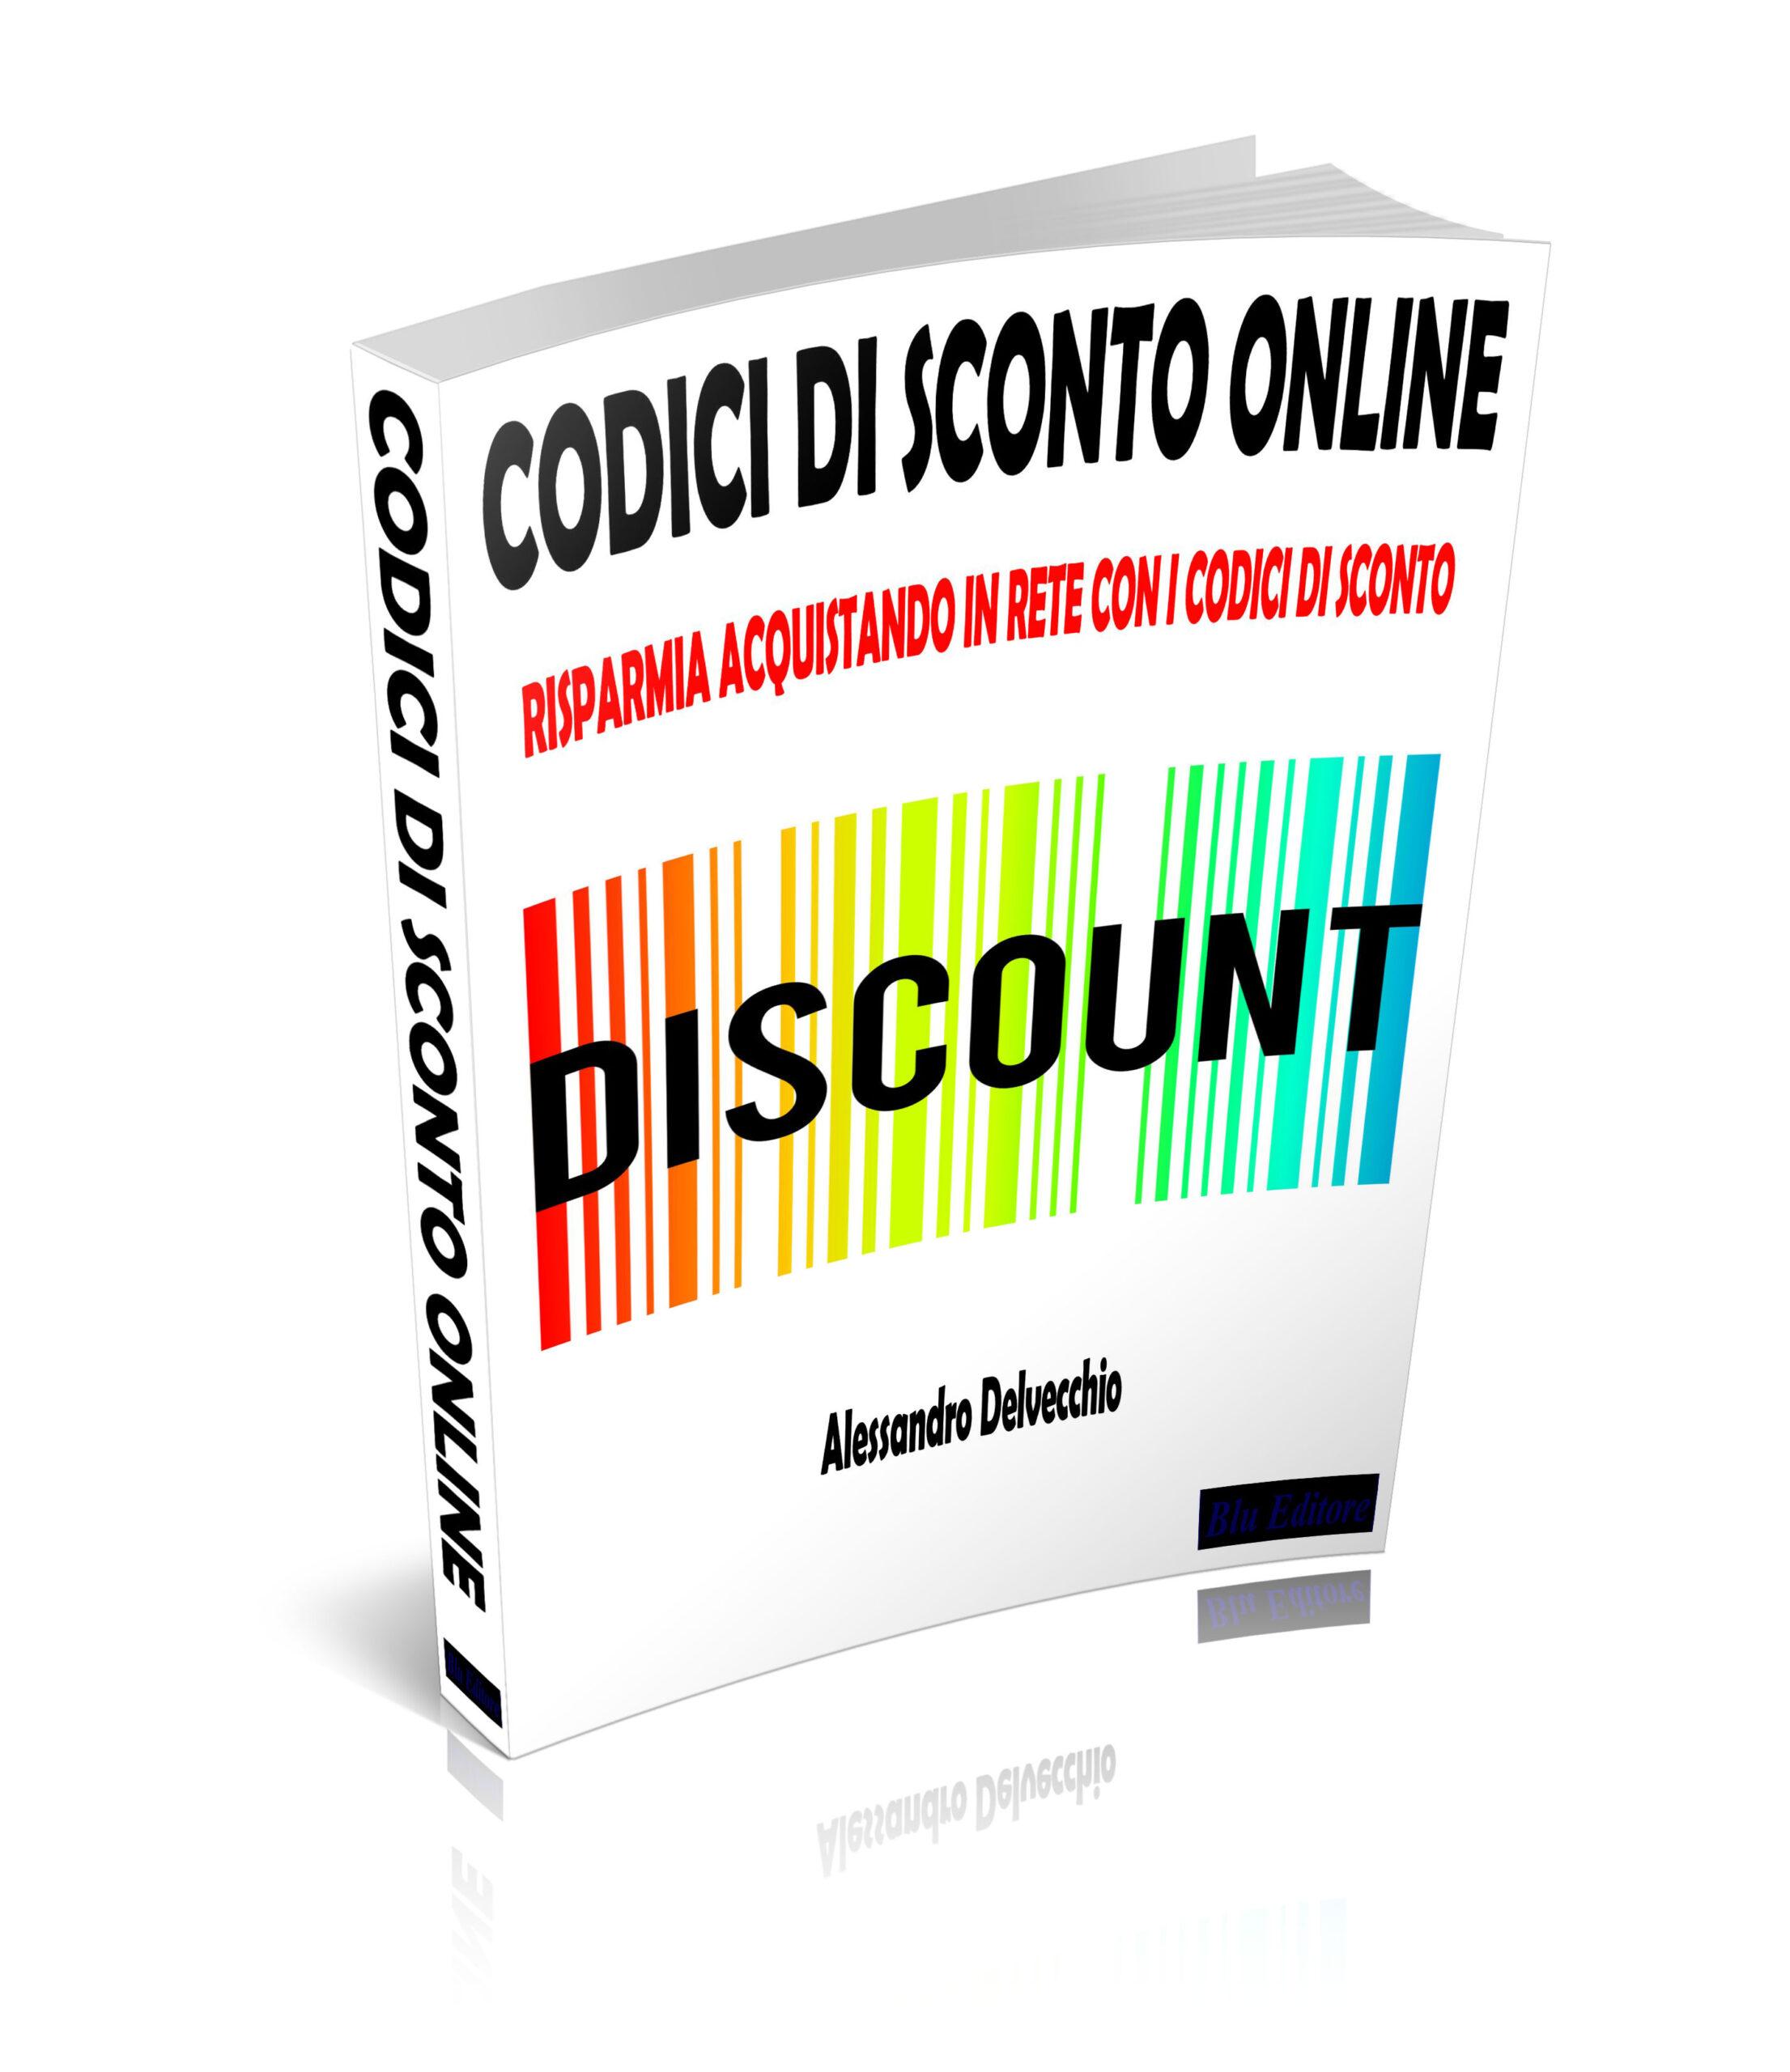 Codici di Sconto Online